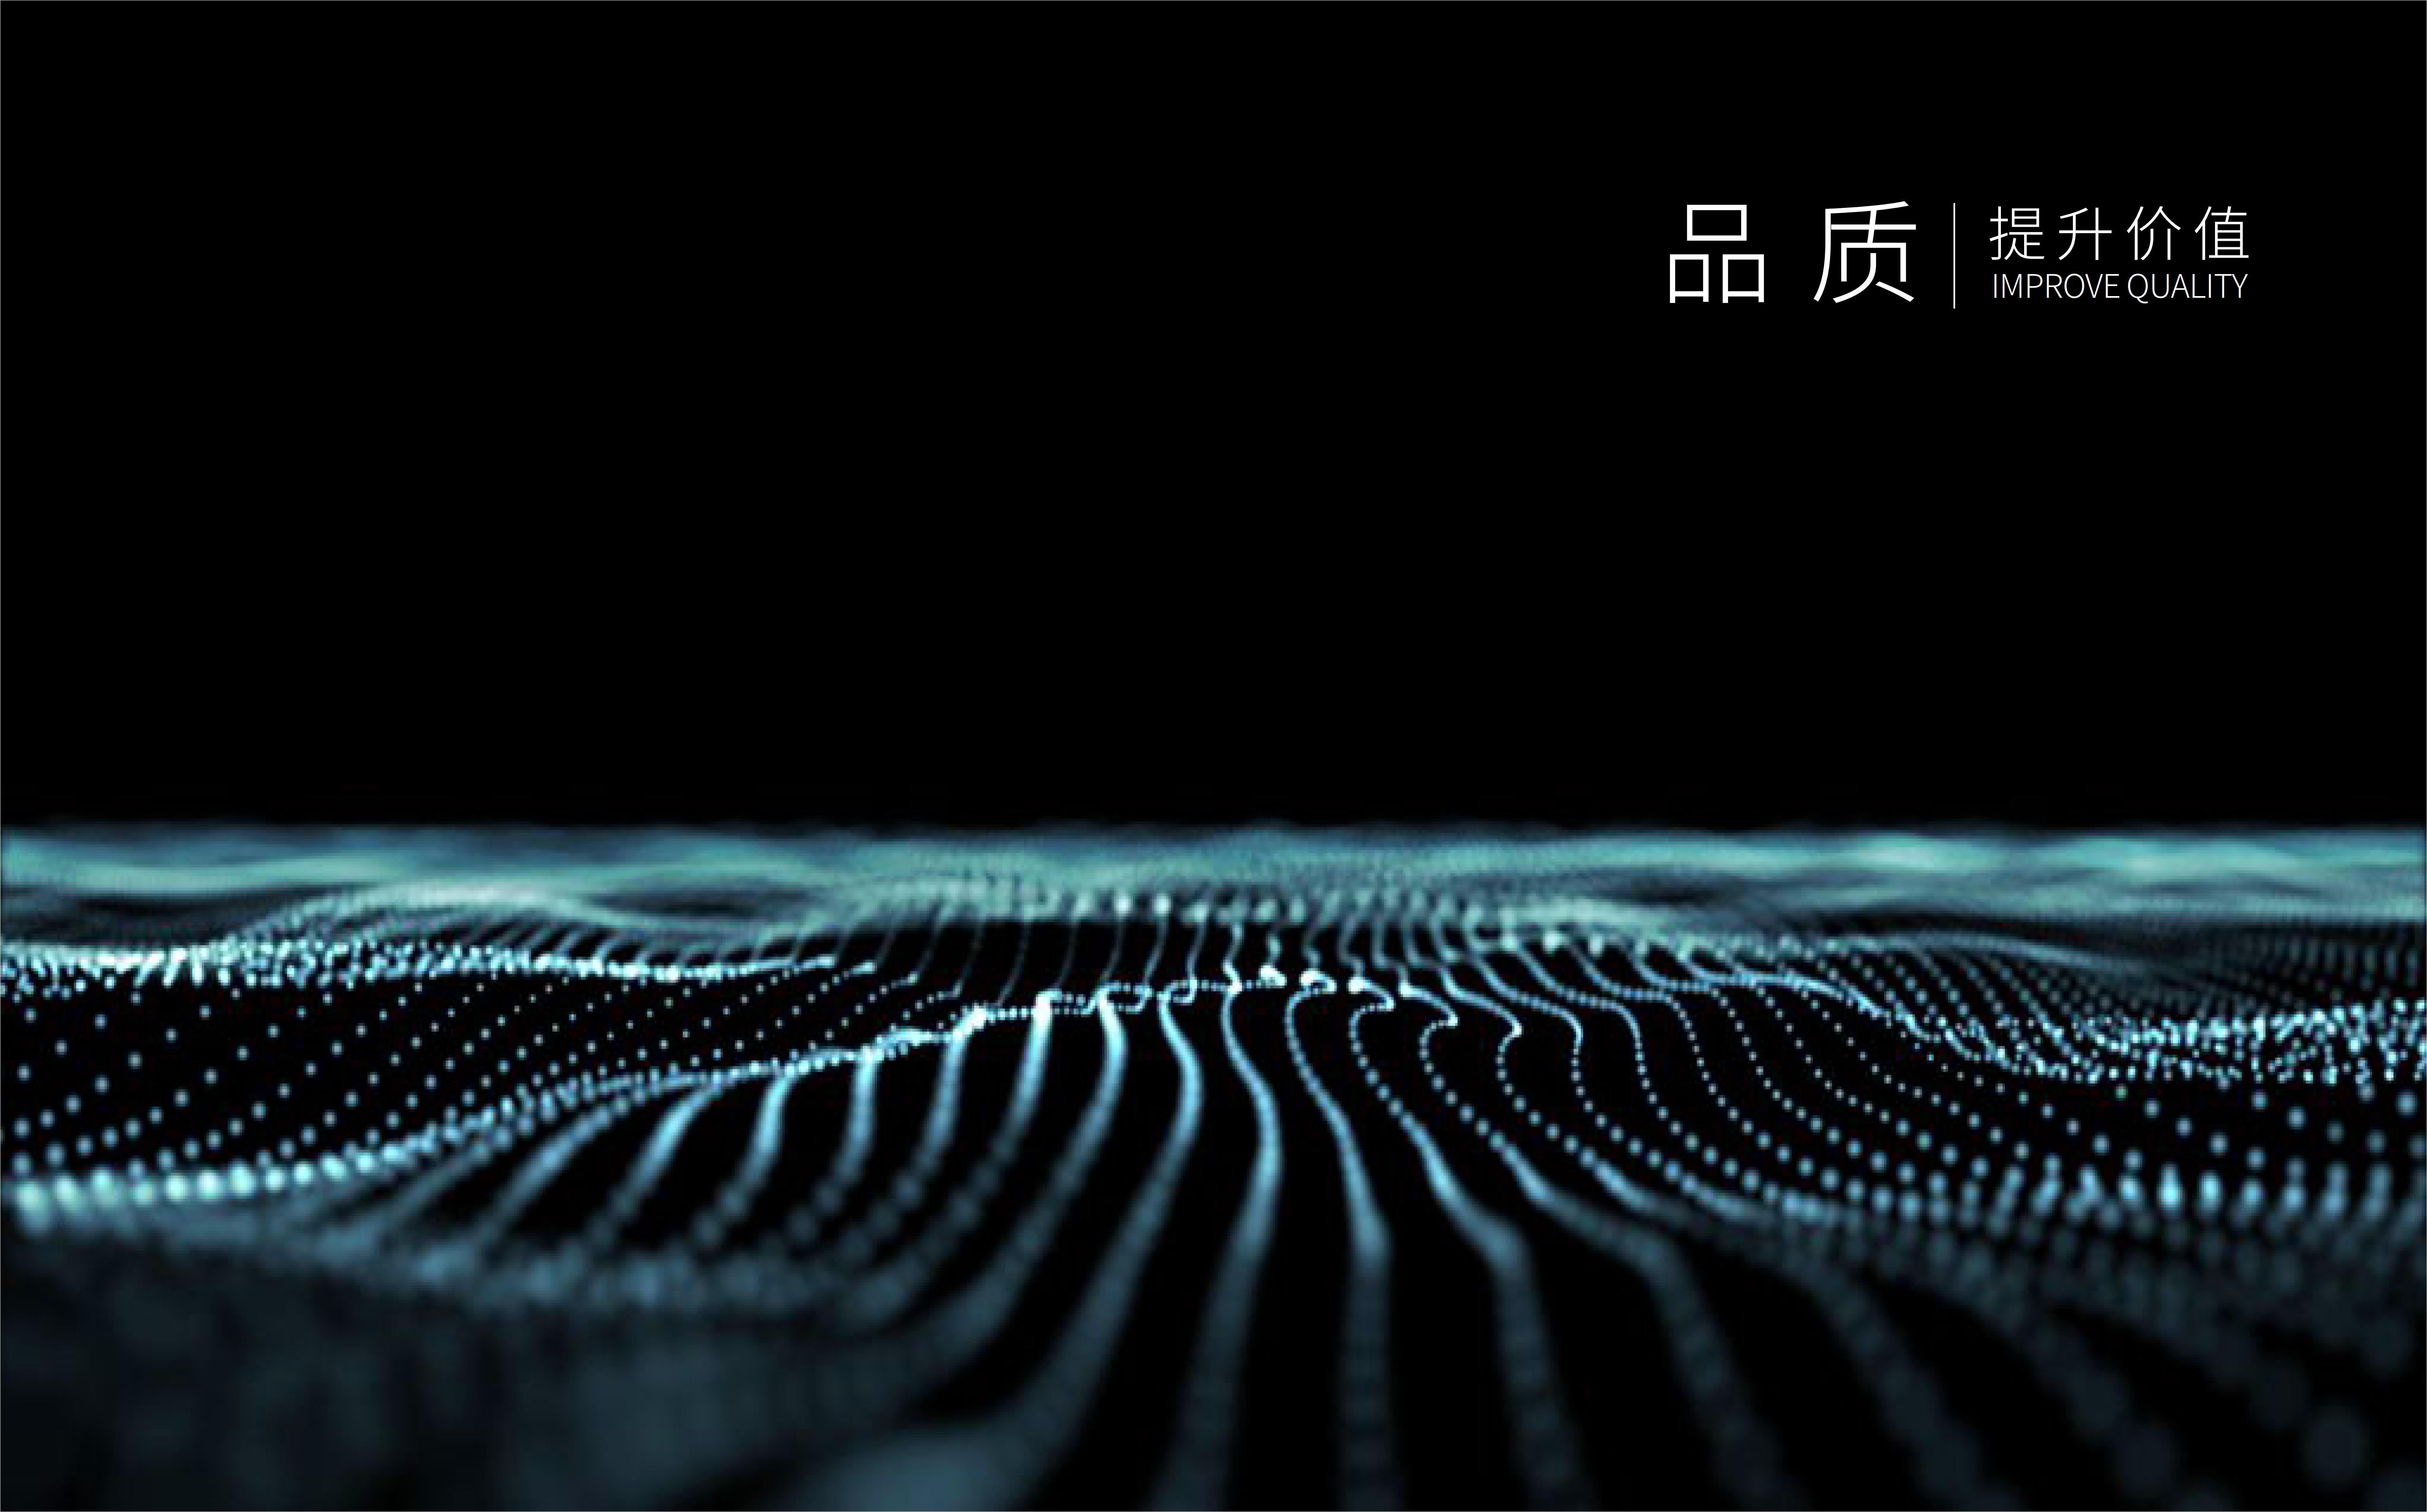 万润新能源_4.jpg